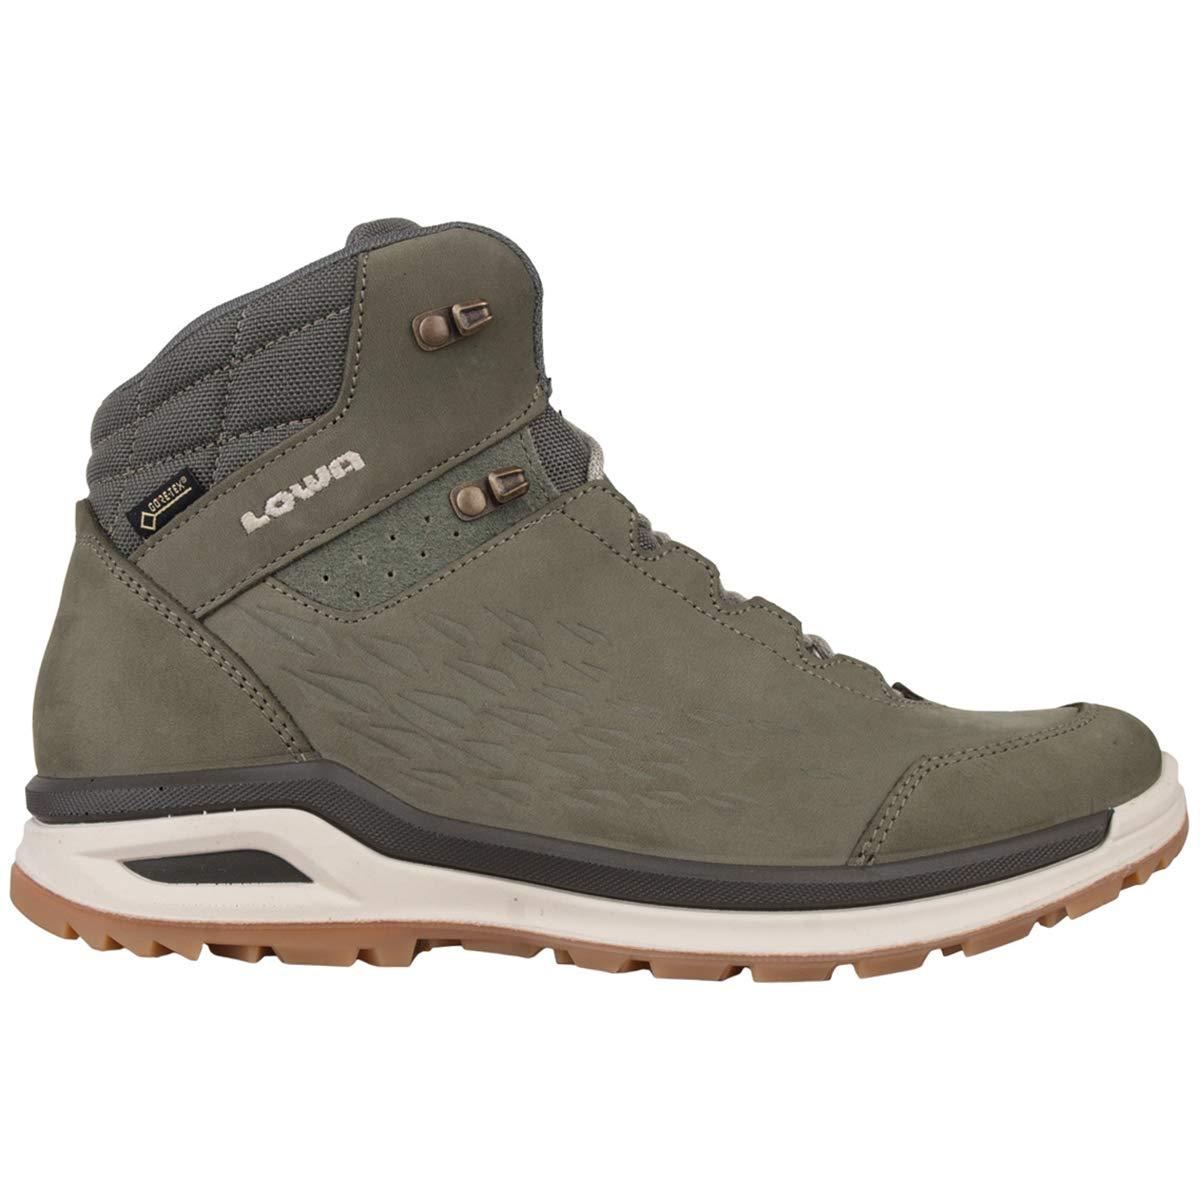 Boots Womens Tex Nubuck Quarter Lowa Locarno Cut Ws Gore ucKTF13l5J